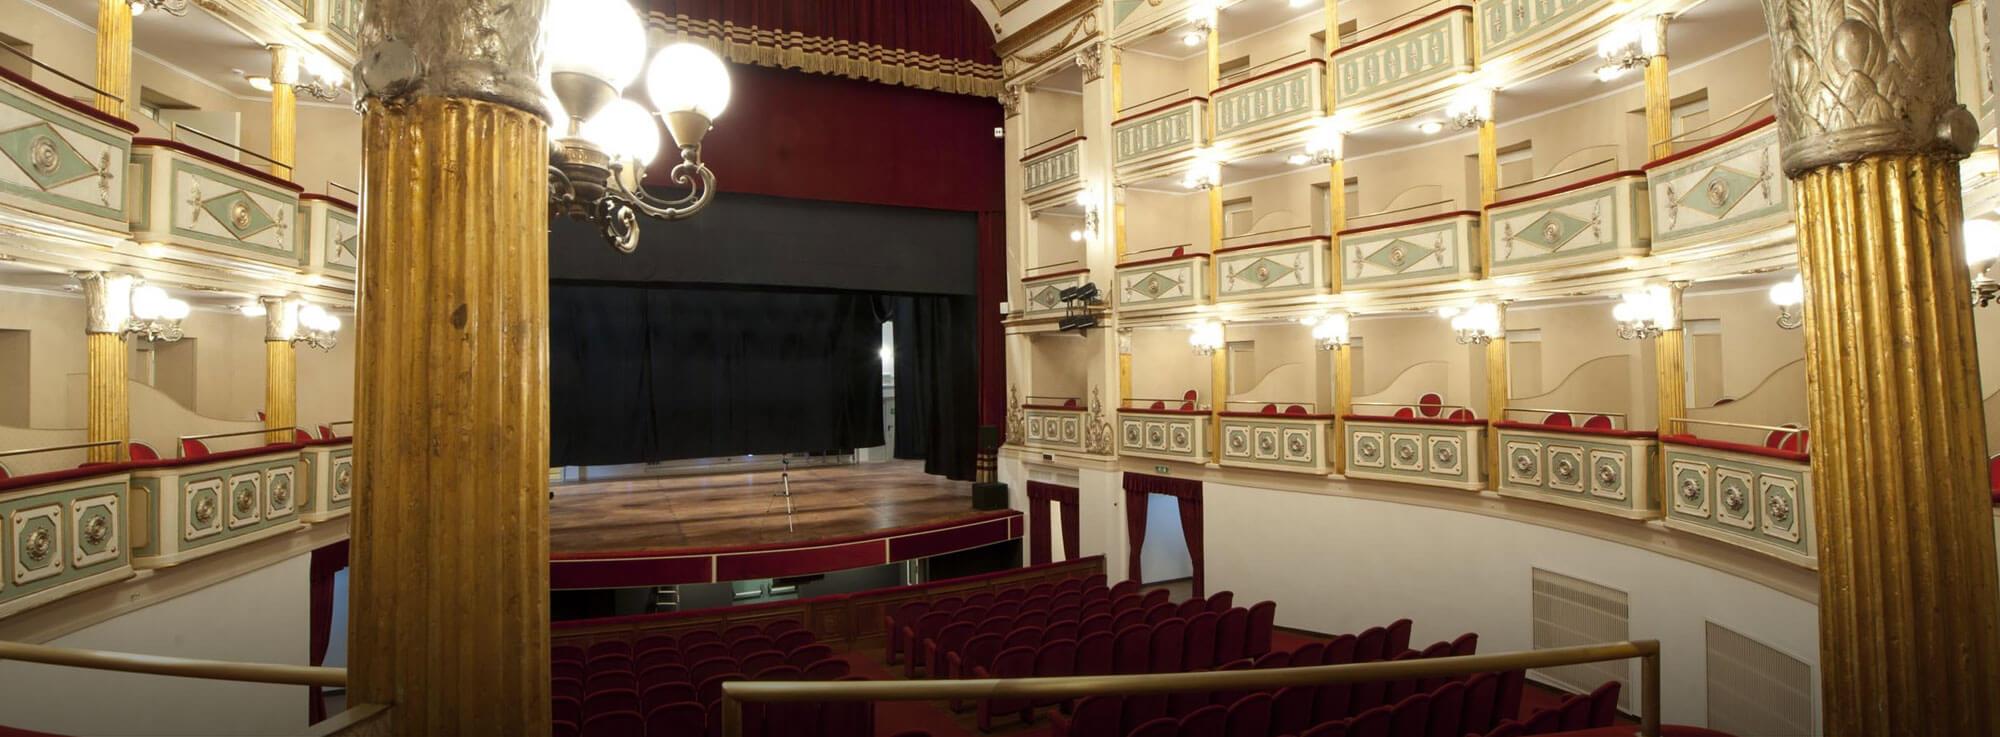 Foggia: Micky Sepalone, Angela Piaf e Canta Napoli Band